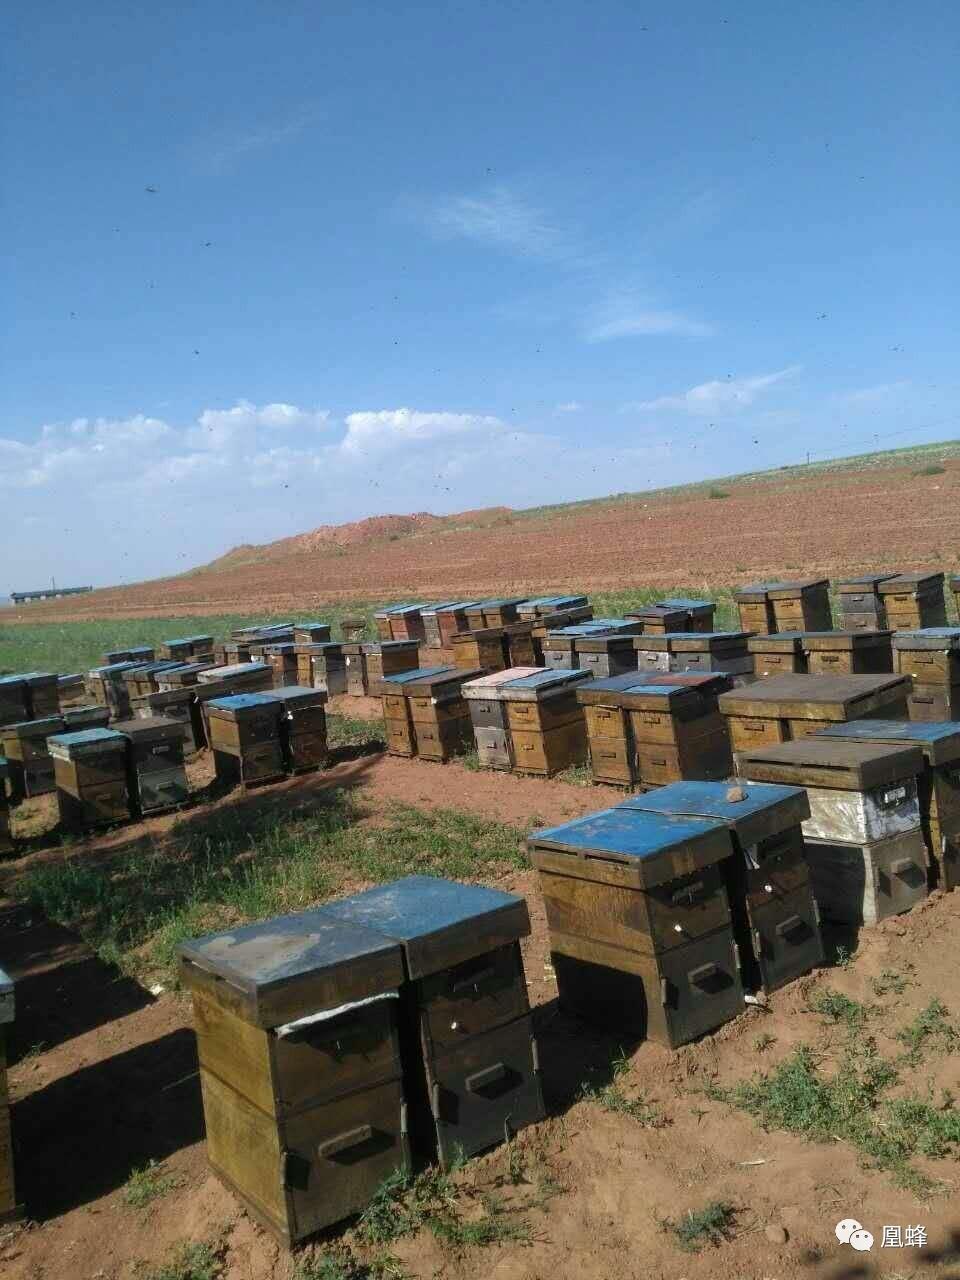 惠芝园山花蜂蜜的价格 东北黑蜂山花蜂蜜 蜂蜜柚子茶发霉怎么办 柠檬蜂蜜保存多久 蜂蜜什么品种好